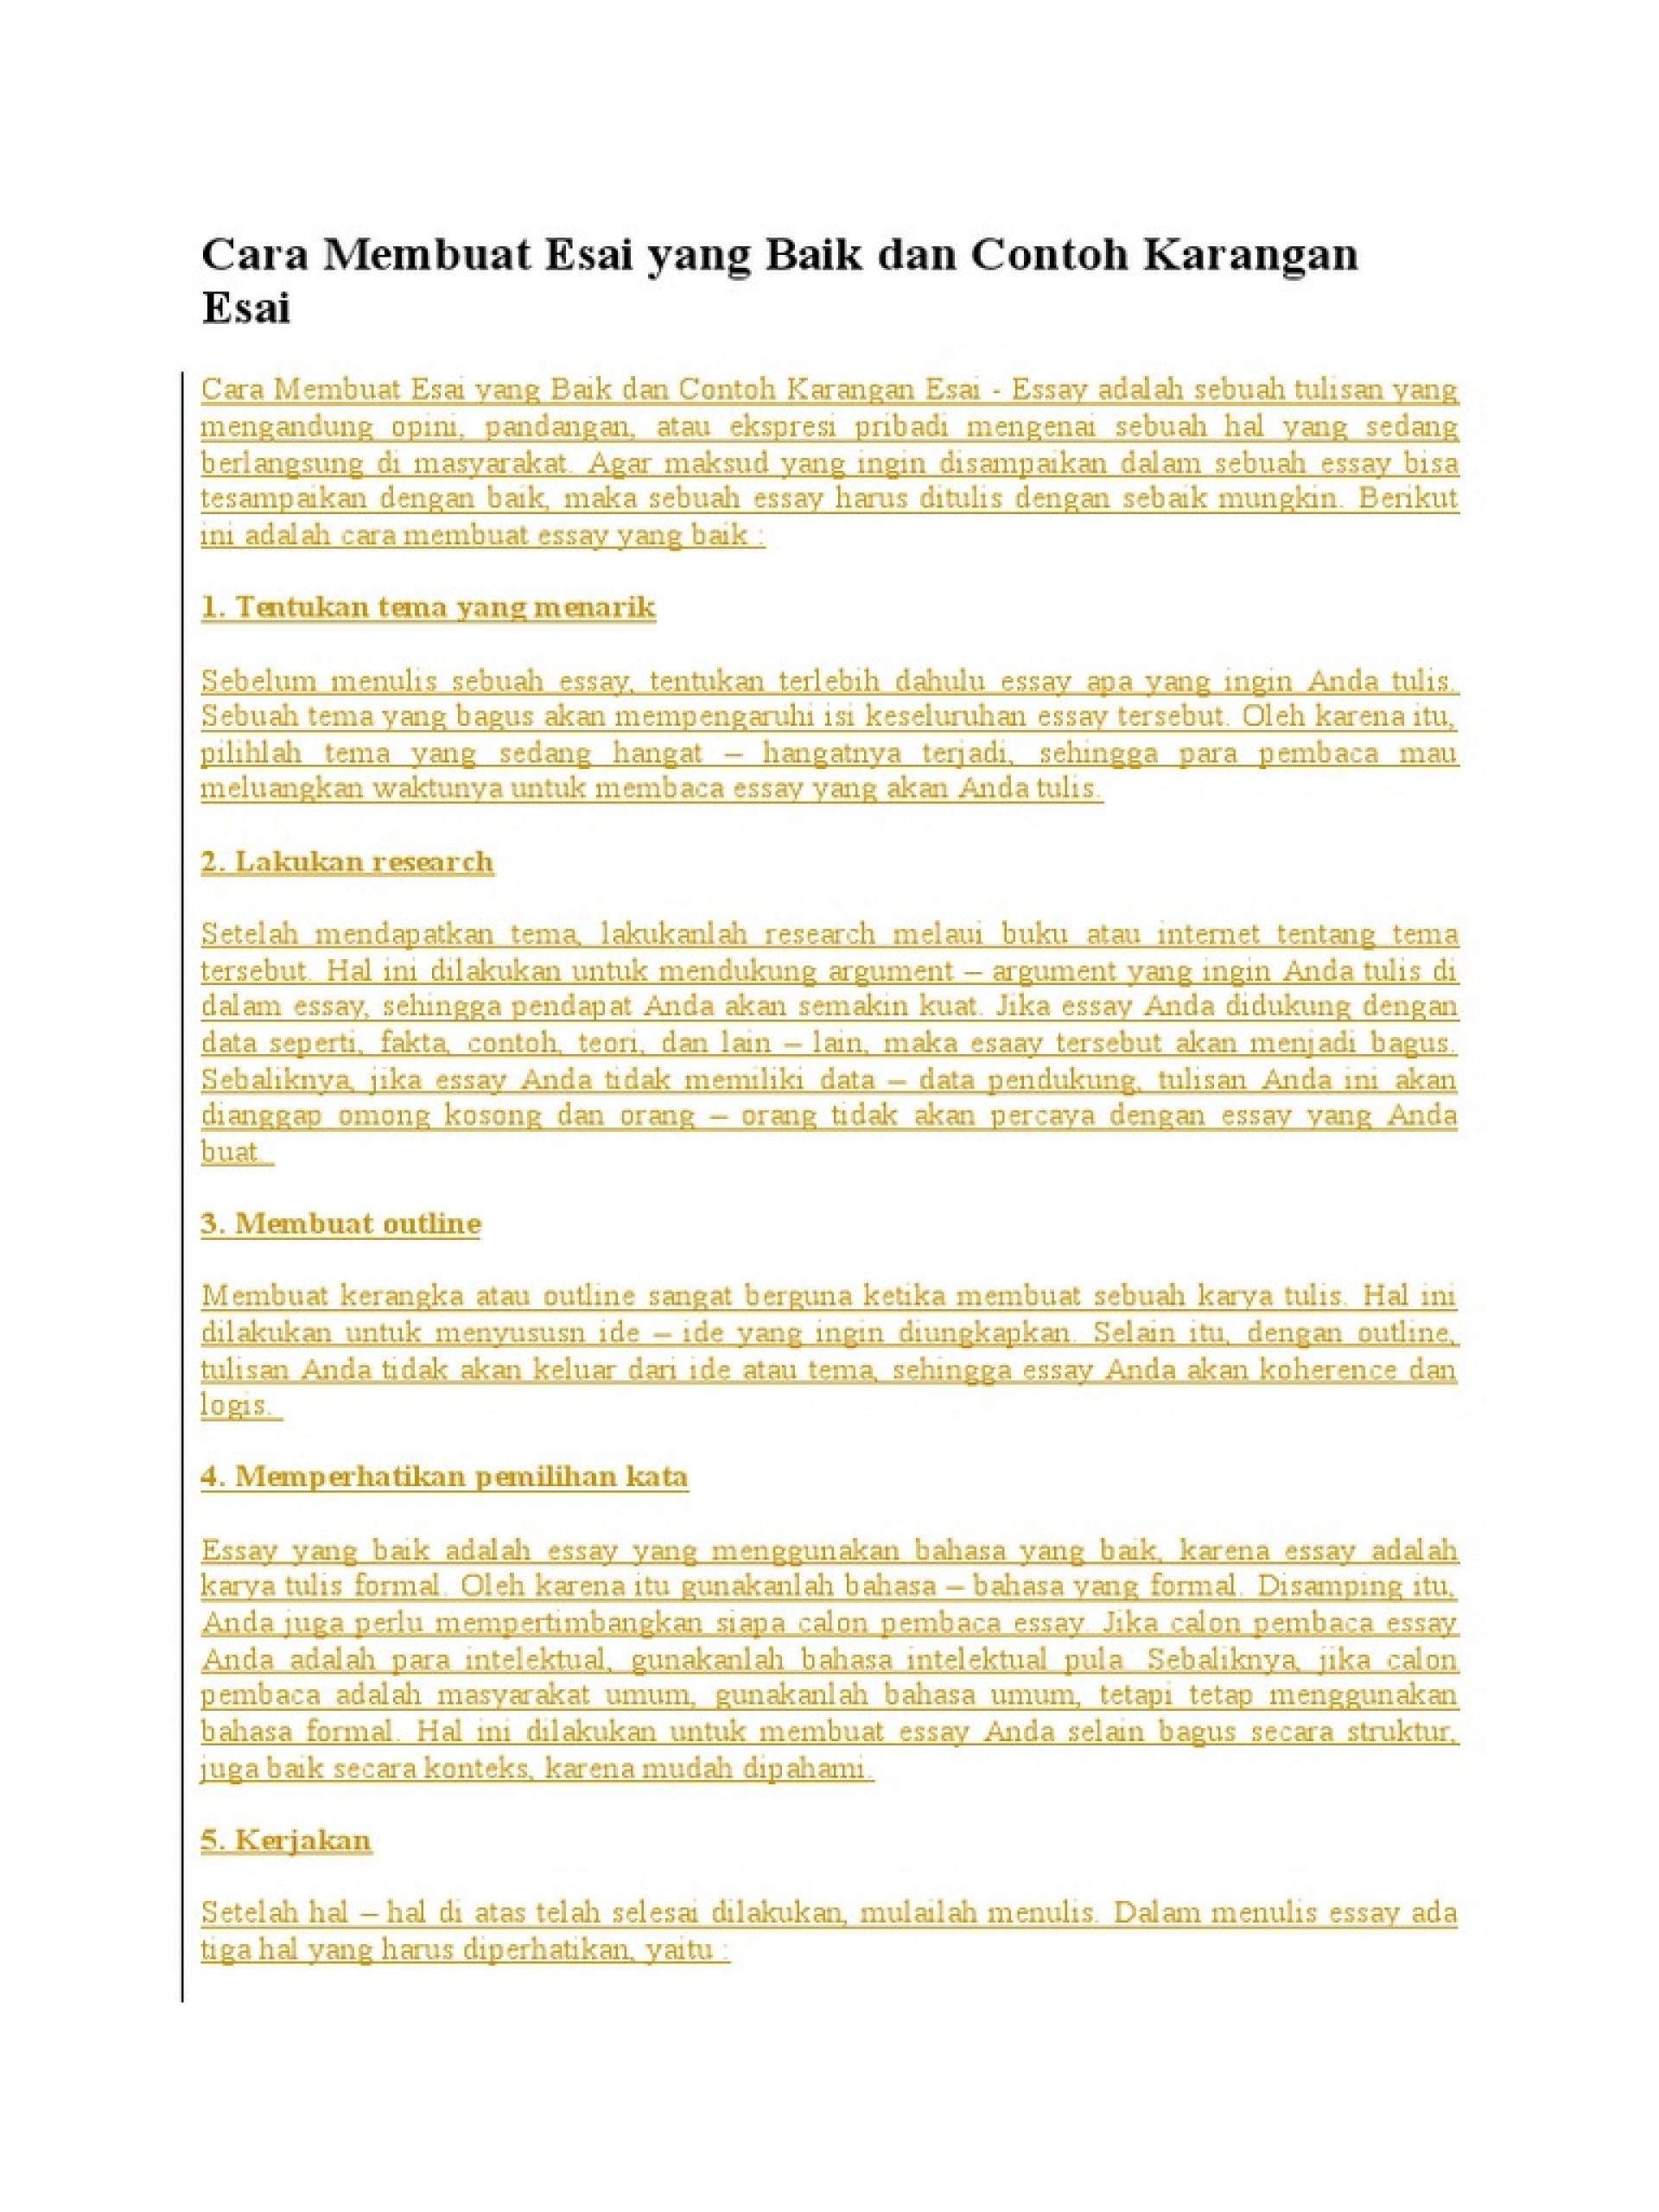 002 3224440225 Menulis Essay Lpdp Example Astounding Cara Membuat Argumentative Bahasa Indonesia Mudah Inggris 1920